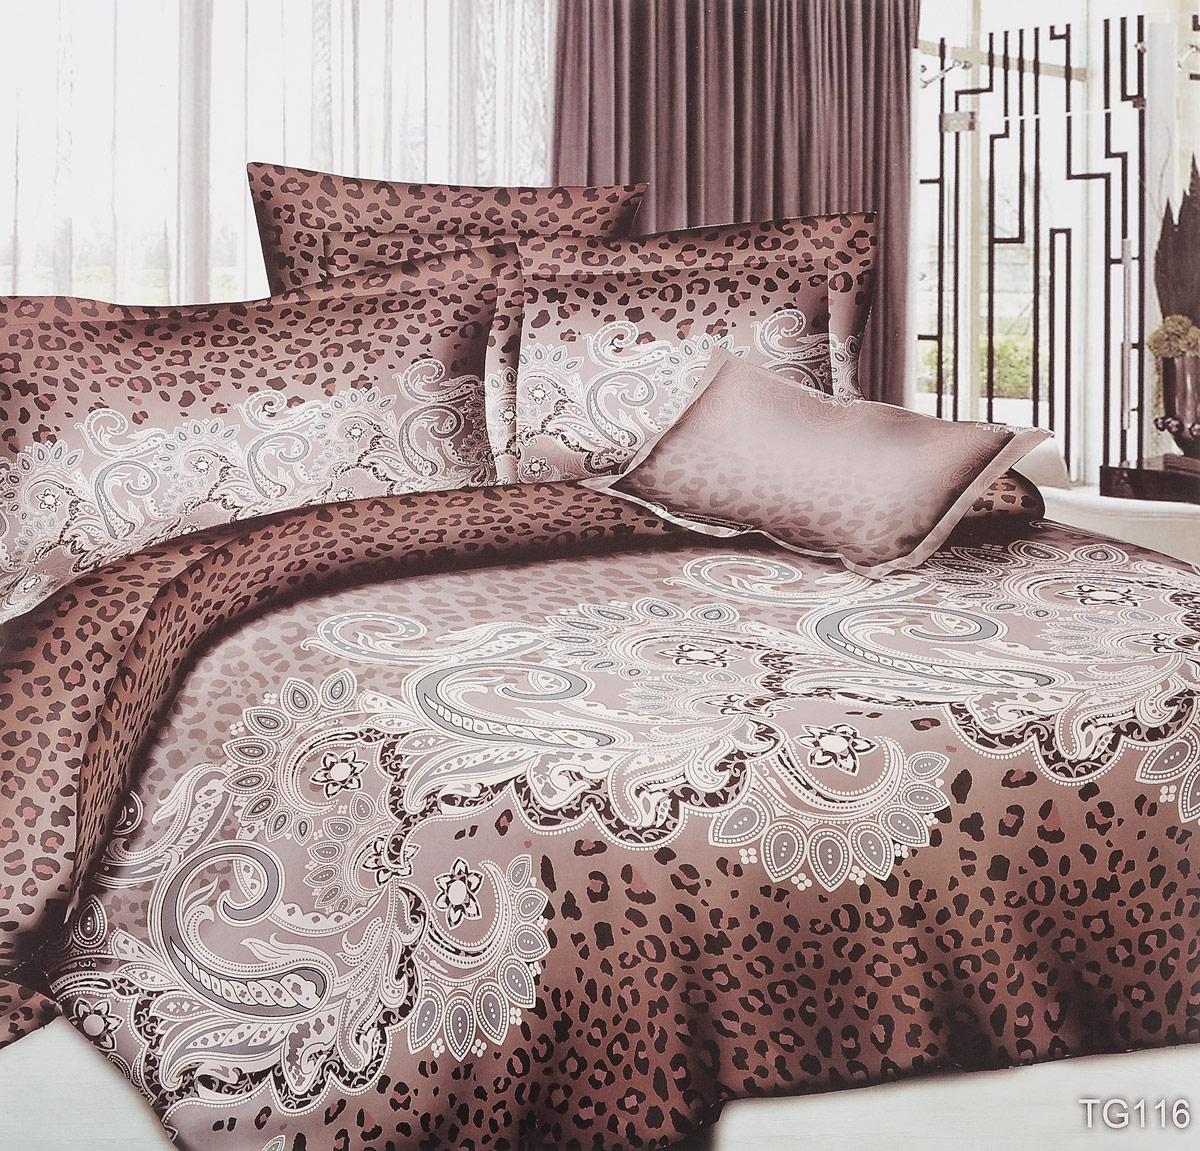 Комплект белья ЭГО Гламур, 2-спальный, наволочки 70x70CA-3505Комплект белья ЭГО Гламур выполнен из полисатина (50% хлопка, 50% полиэстера). Комплект состоит из пододеяльника, простыни и двух наволочек. Постельное белье имеет изысканный внешний вид и яркую цветовую гамму. Гладкая структура делает ткань приятной на ощупь, мягкой и нежной, при этом она прочная и хорошо сохраняет форму. Ткань легко гладится, не линяет и не садится. Приобретая комплект постельного белья ЭГО Гламур, вы можете быть уверенны в том, что покупка доставит вам и вашим близким удовольствие и подарит максимальный комфорт.УВАЖАЕМЫЕ КЛИЕНТЫ! Обращаем ваше внимание на цвет изделия. Цветовой вариант комплекта в интерьере служит для визуального восприятия товара. Цветовая гамма данного комплекта представлена на дополнительных фотографиях.